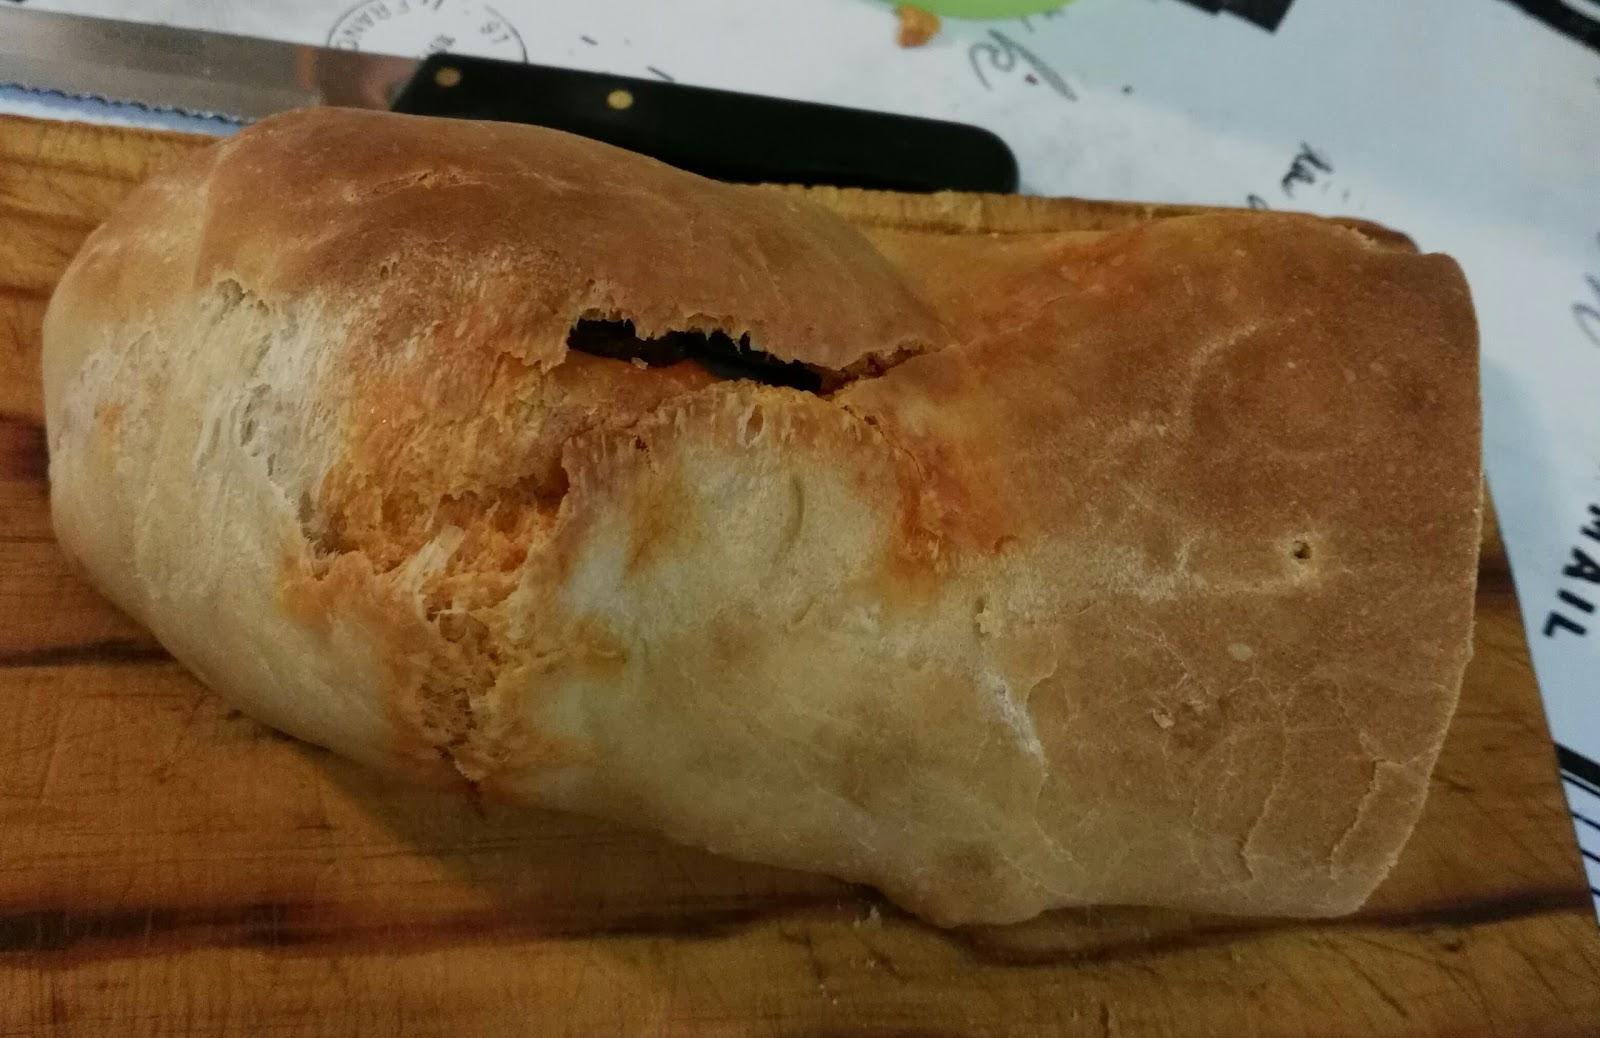 Pucheros de barro pan con chorizo dentro - Pucheros de barro ...